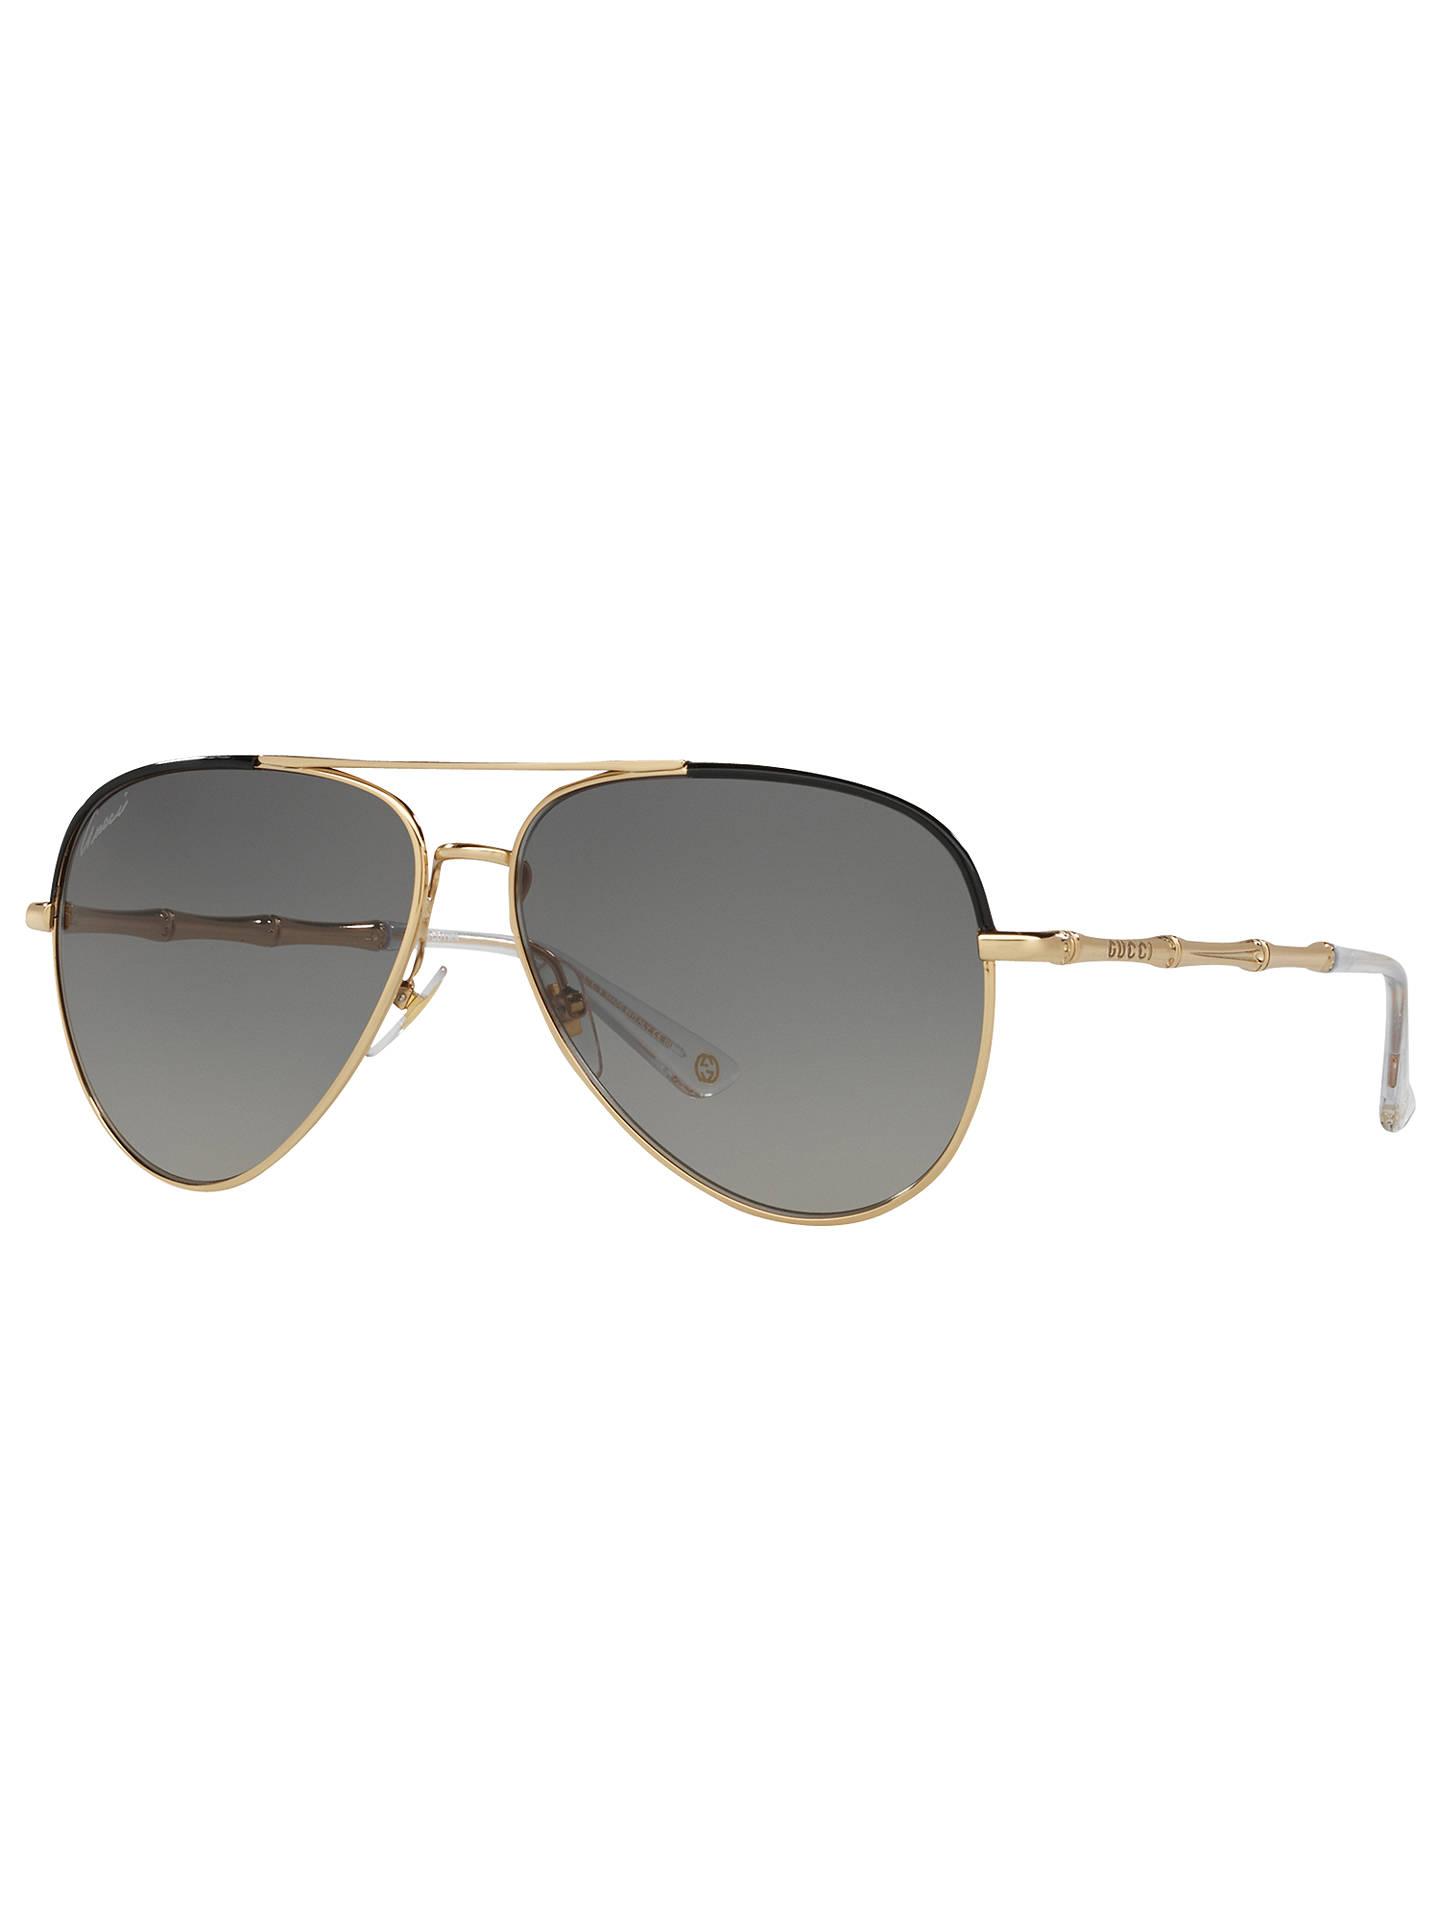 e4a5a05507e Buy Gucci GG 4276 S Aviator Sunglasses